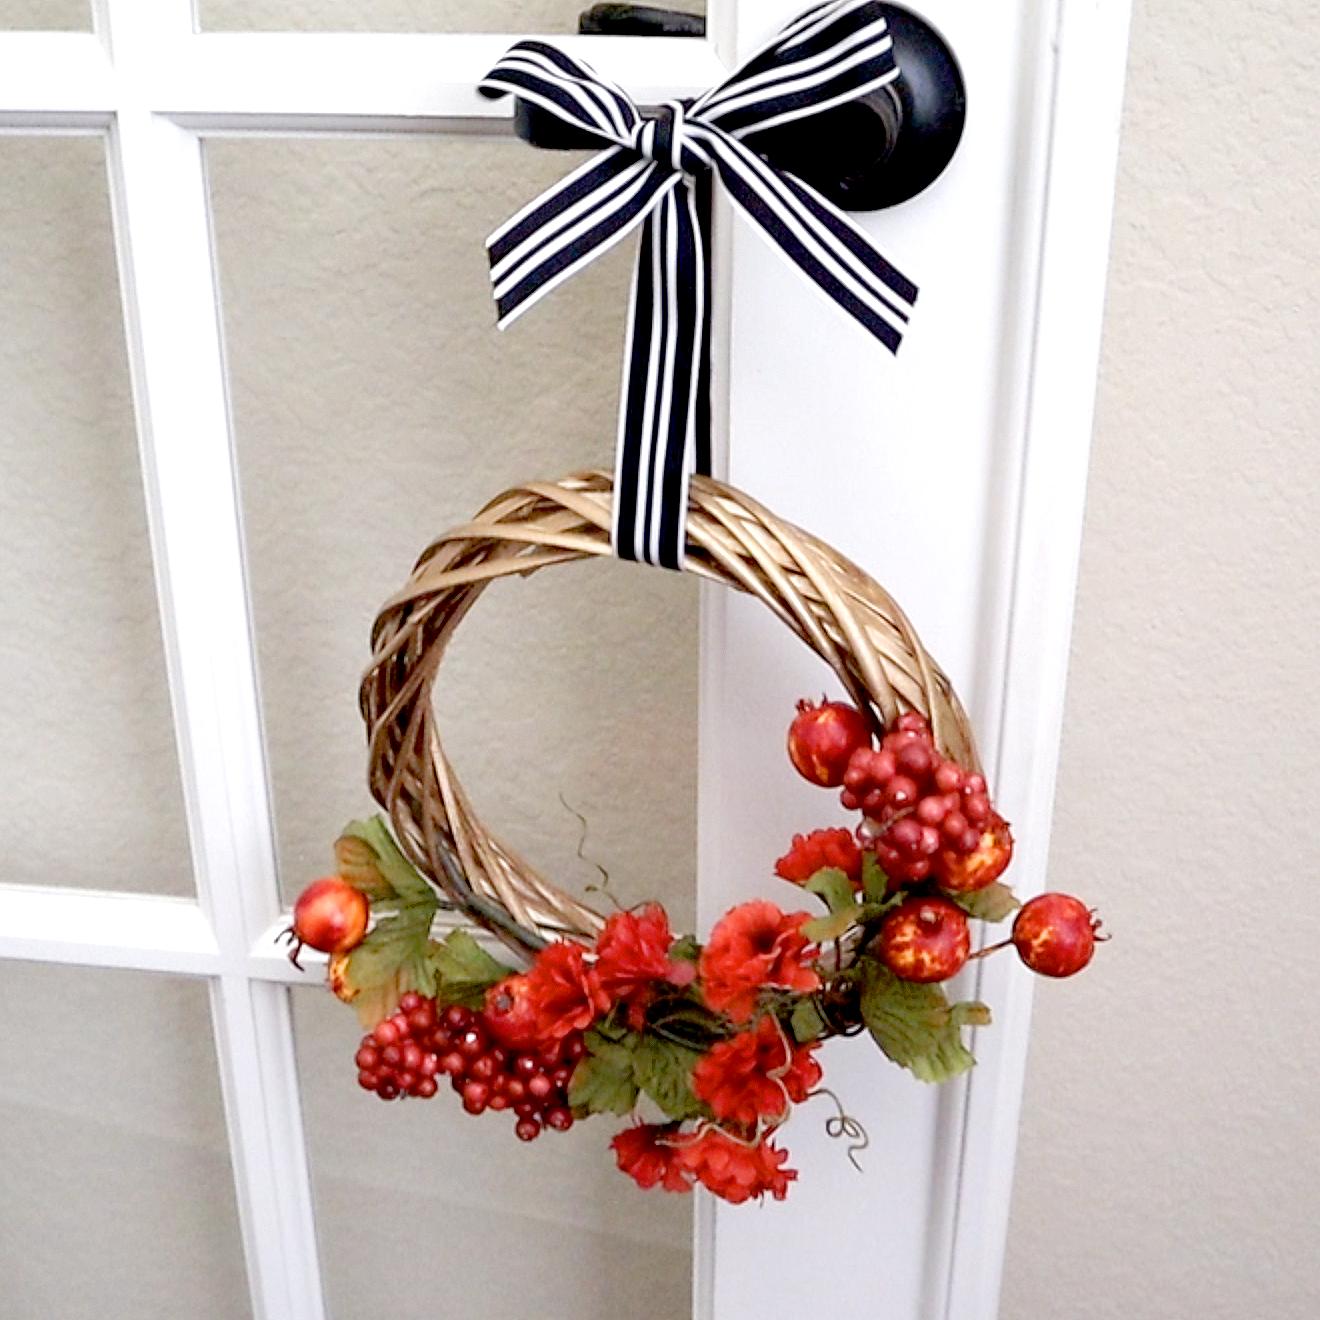 diy wreath with bow